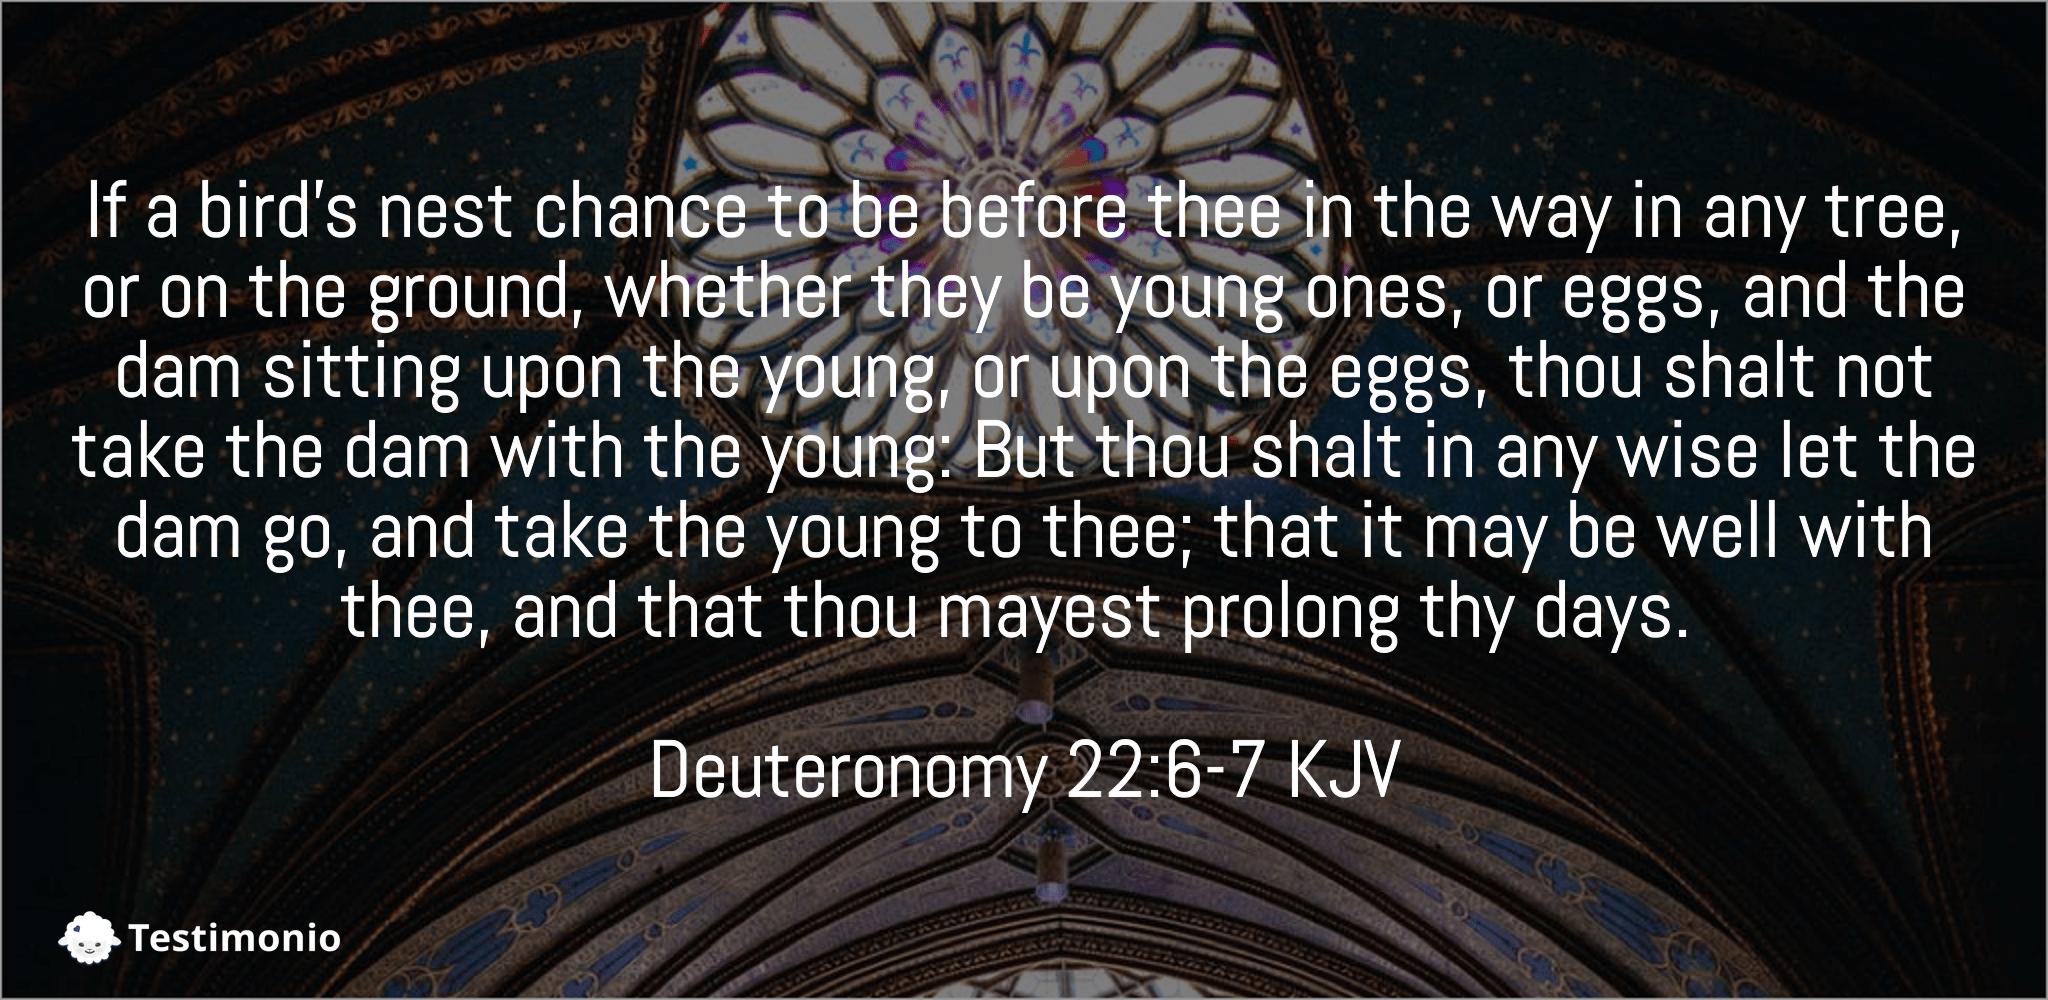 Deuteronomy 22:6-7